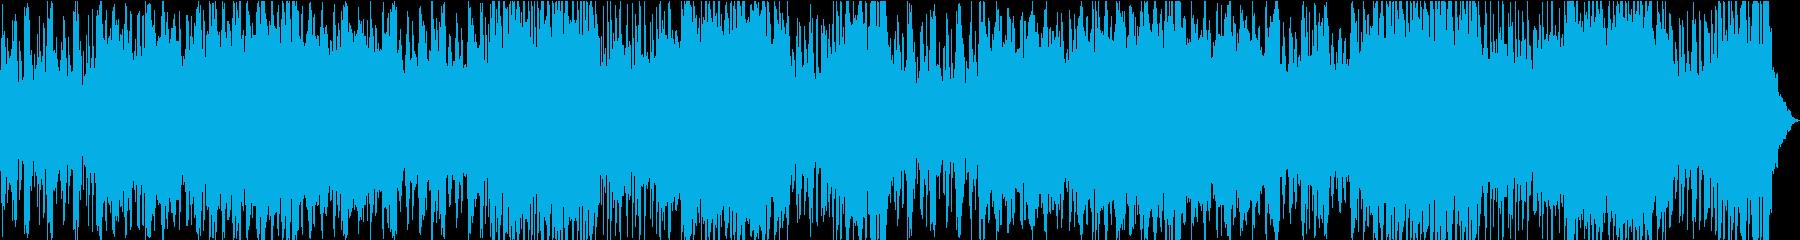 ゲーム/ダークで危機感のあるアクション曲の再生済みの波形